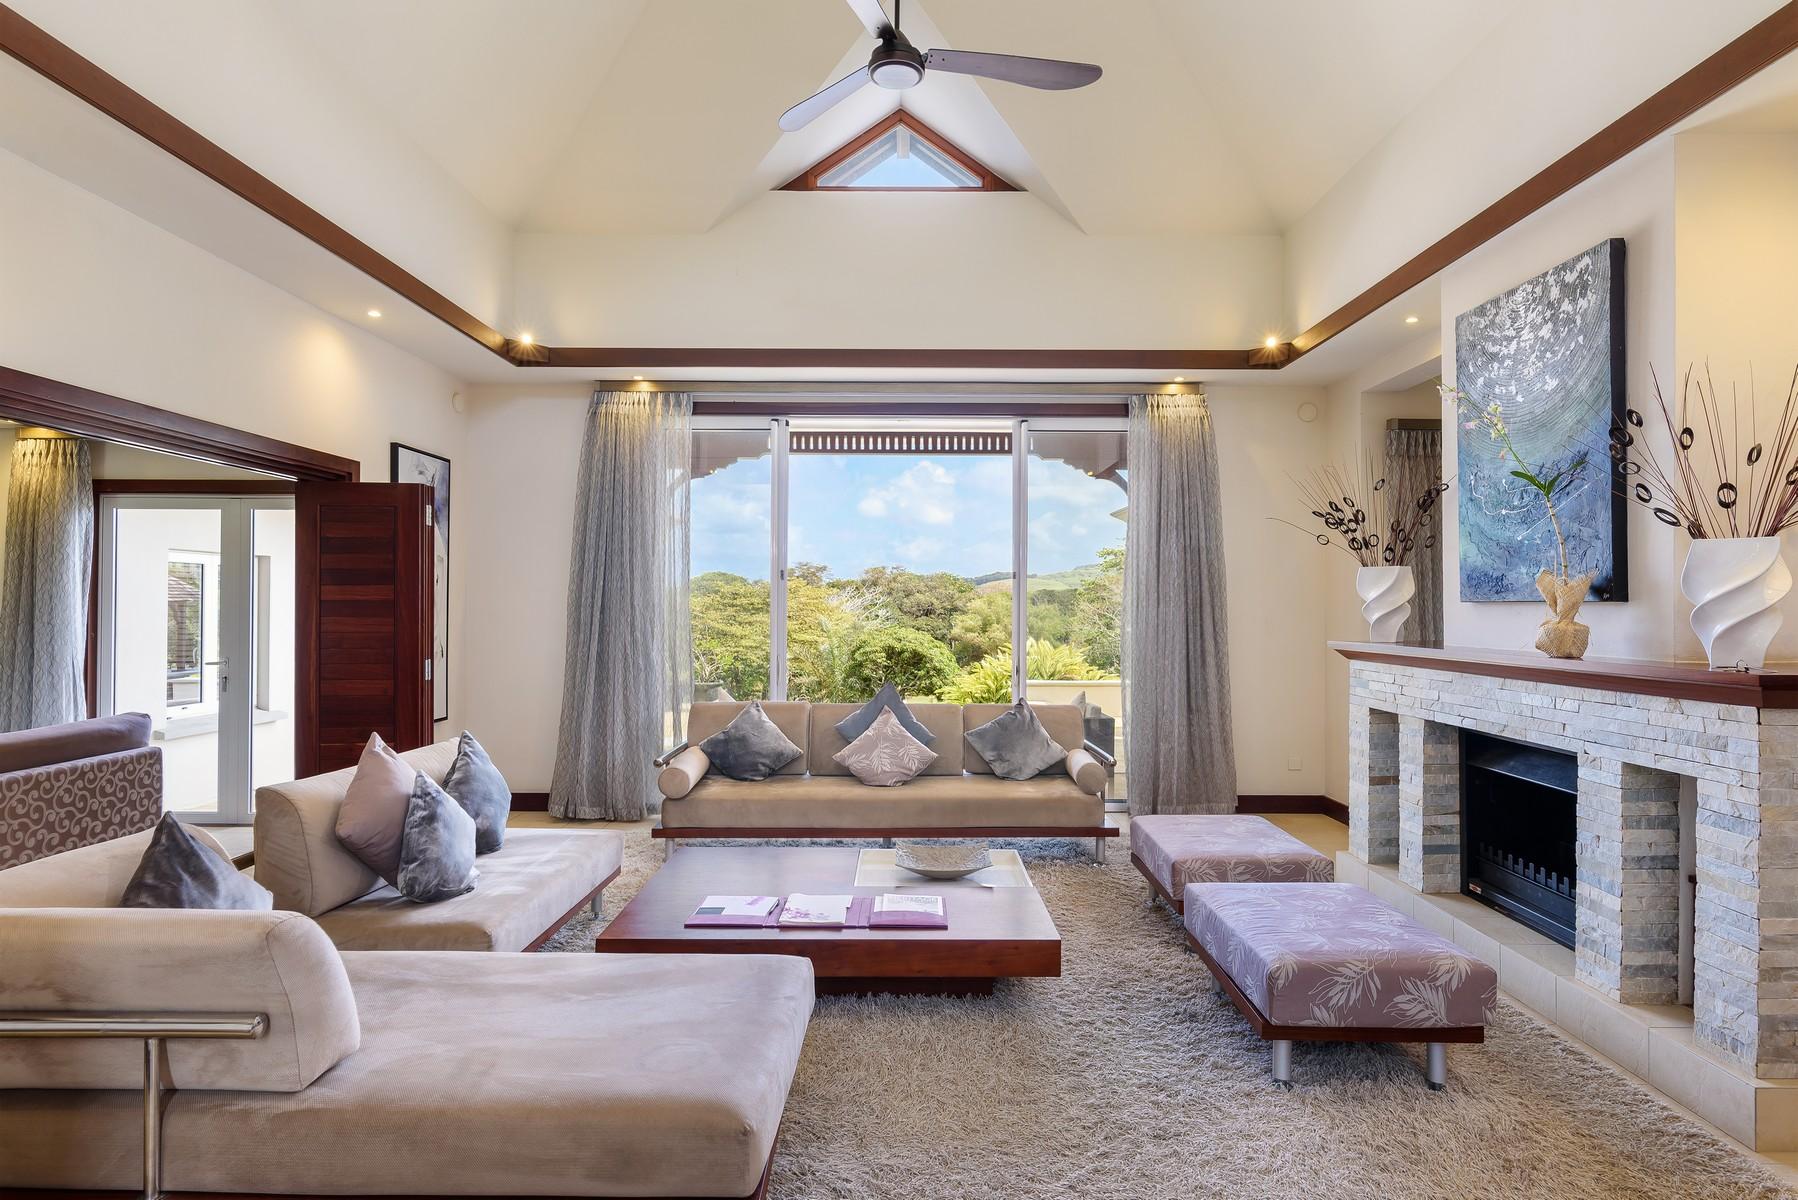 Single Family Home for Sale at Villa 4, Villas Valriche Bel Ombre, Savanne, Mauritius